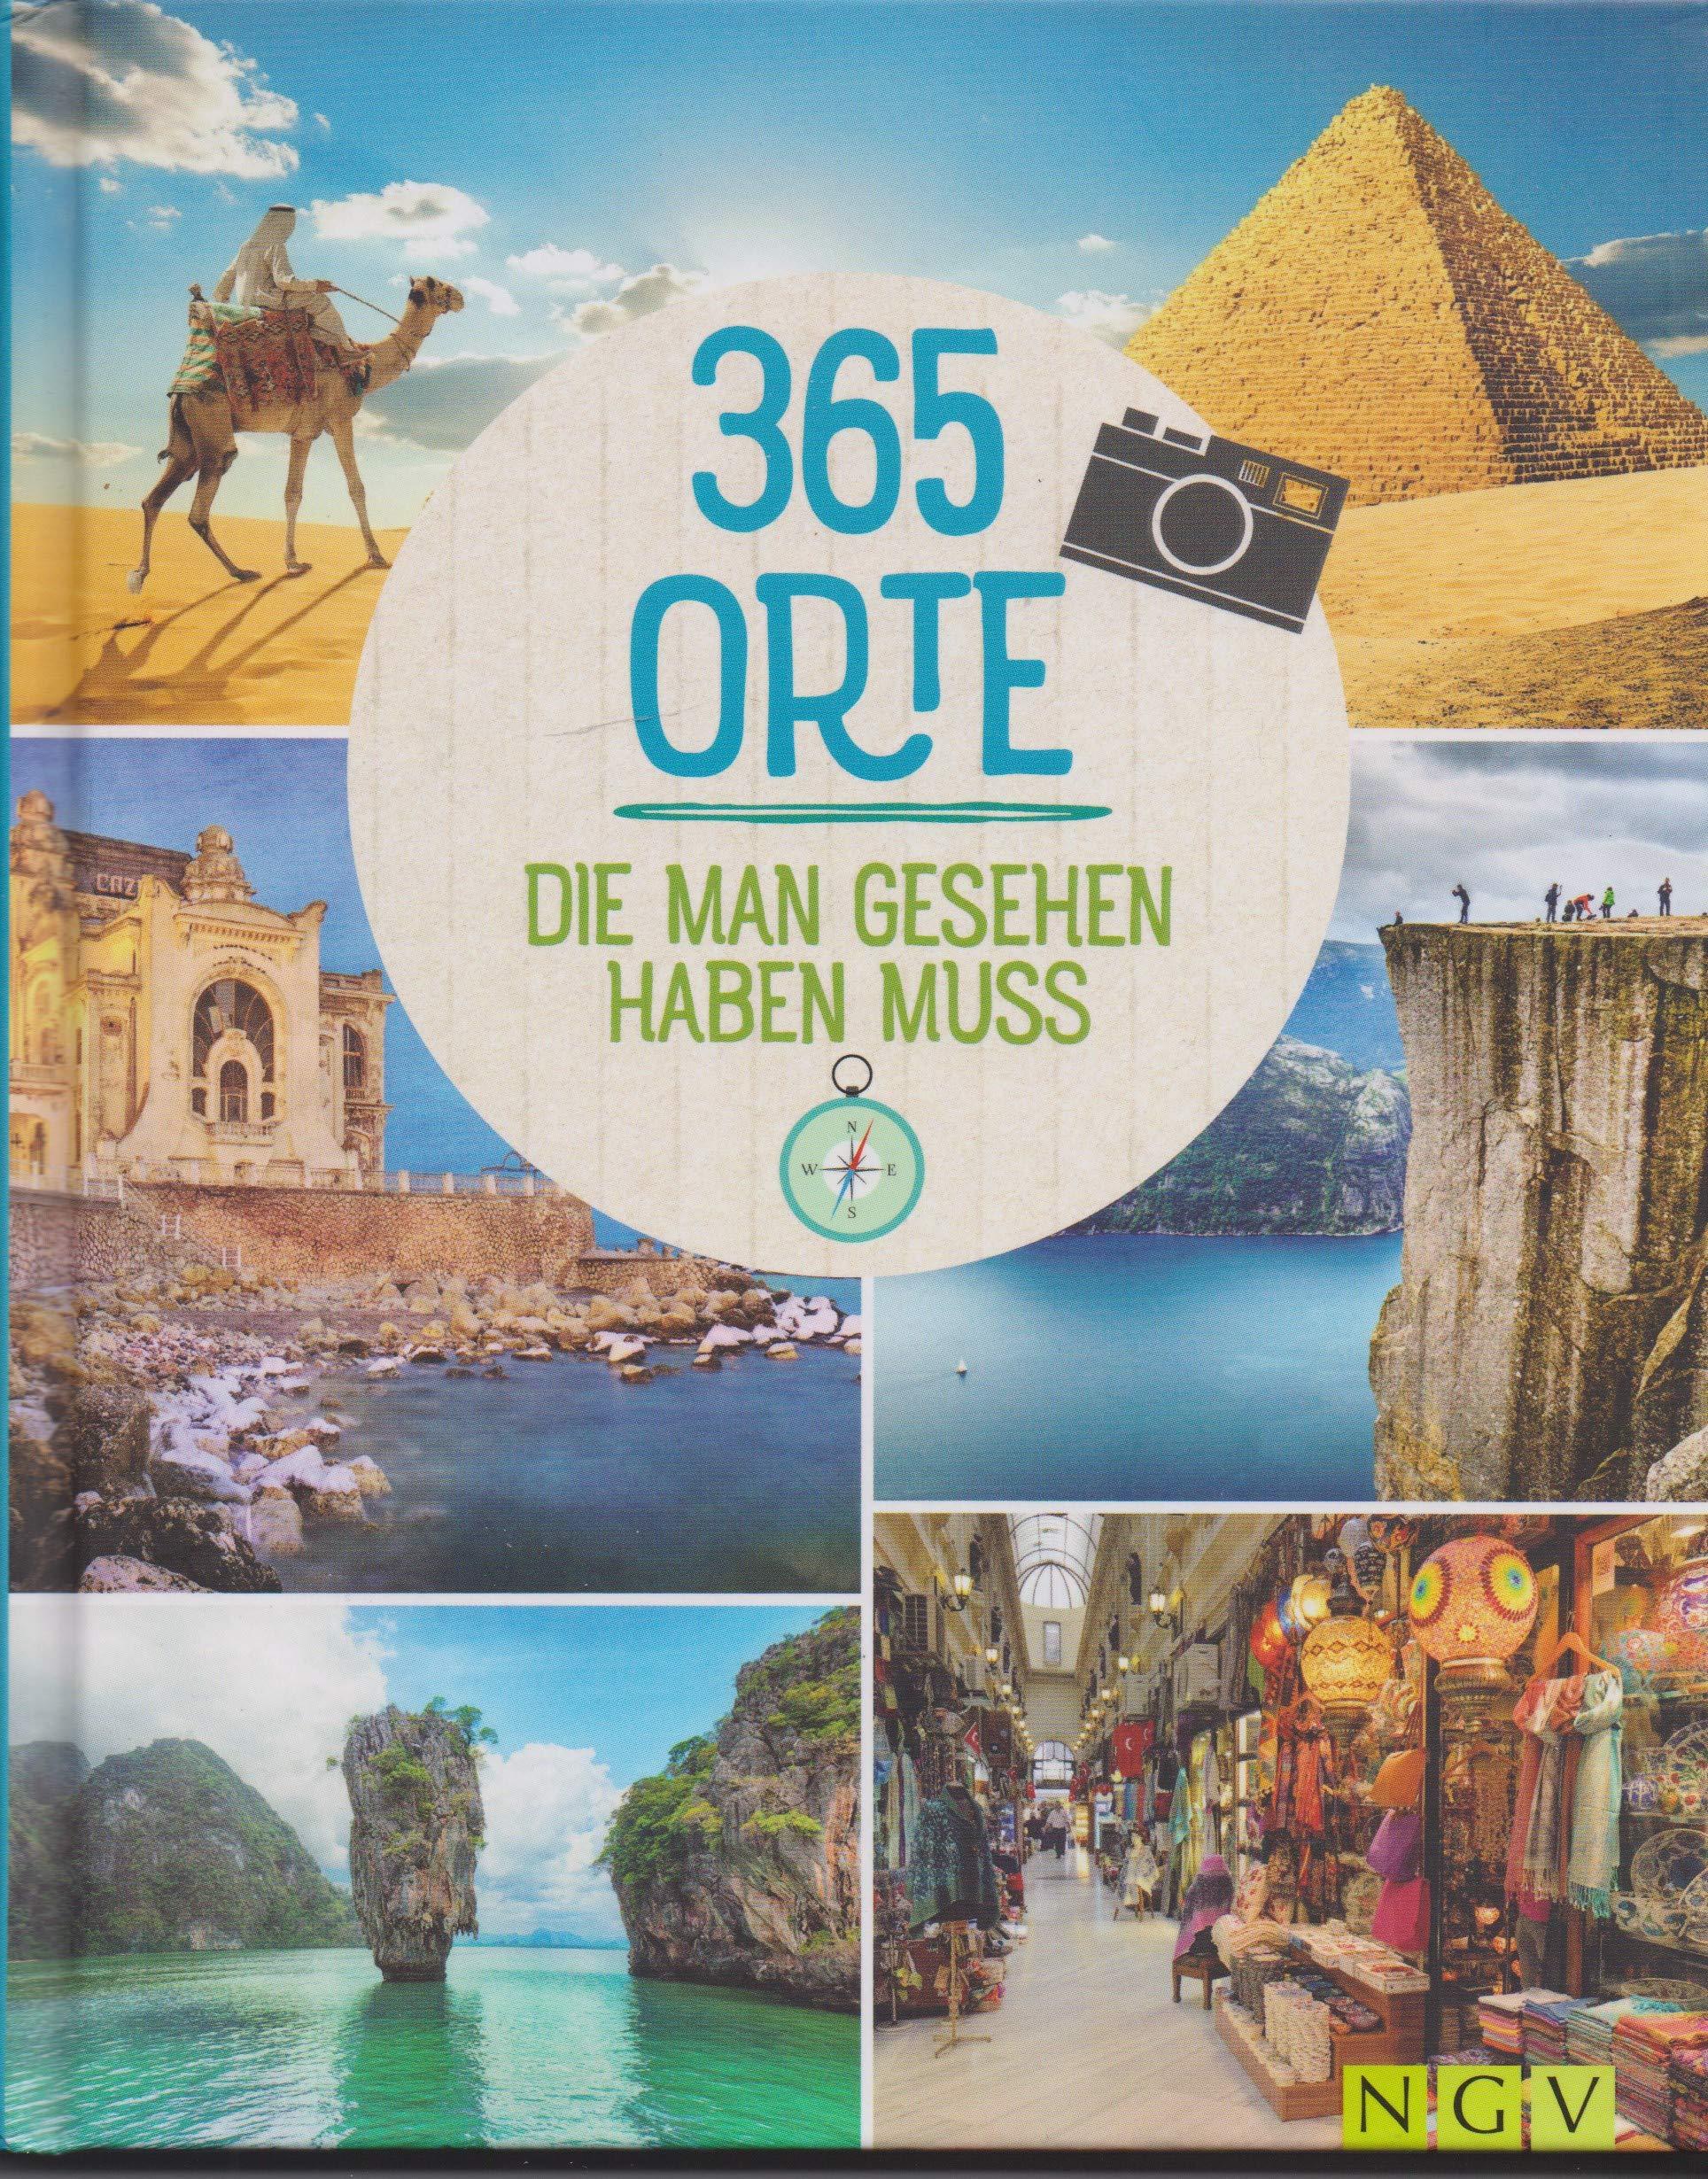 20 Orte die man gesehen haben muss  Reinhard Barth, Friedemann ...